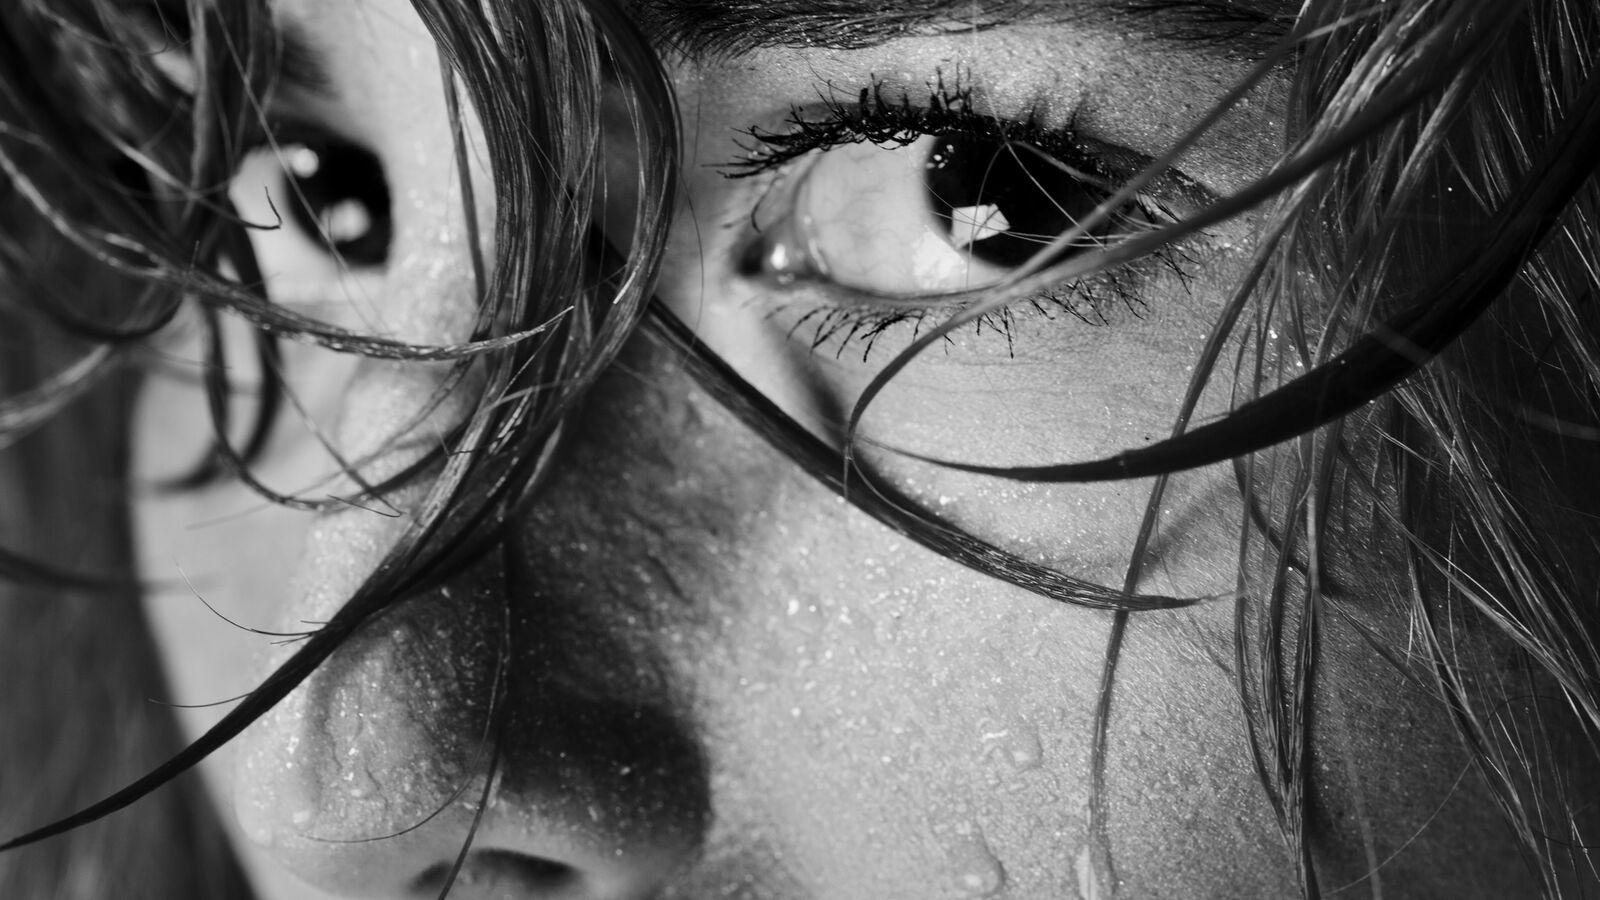 Kalter Schweiß: Was passiert mit meinem Körper?